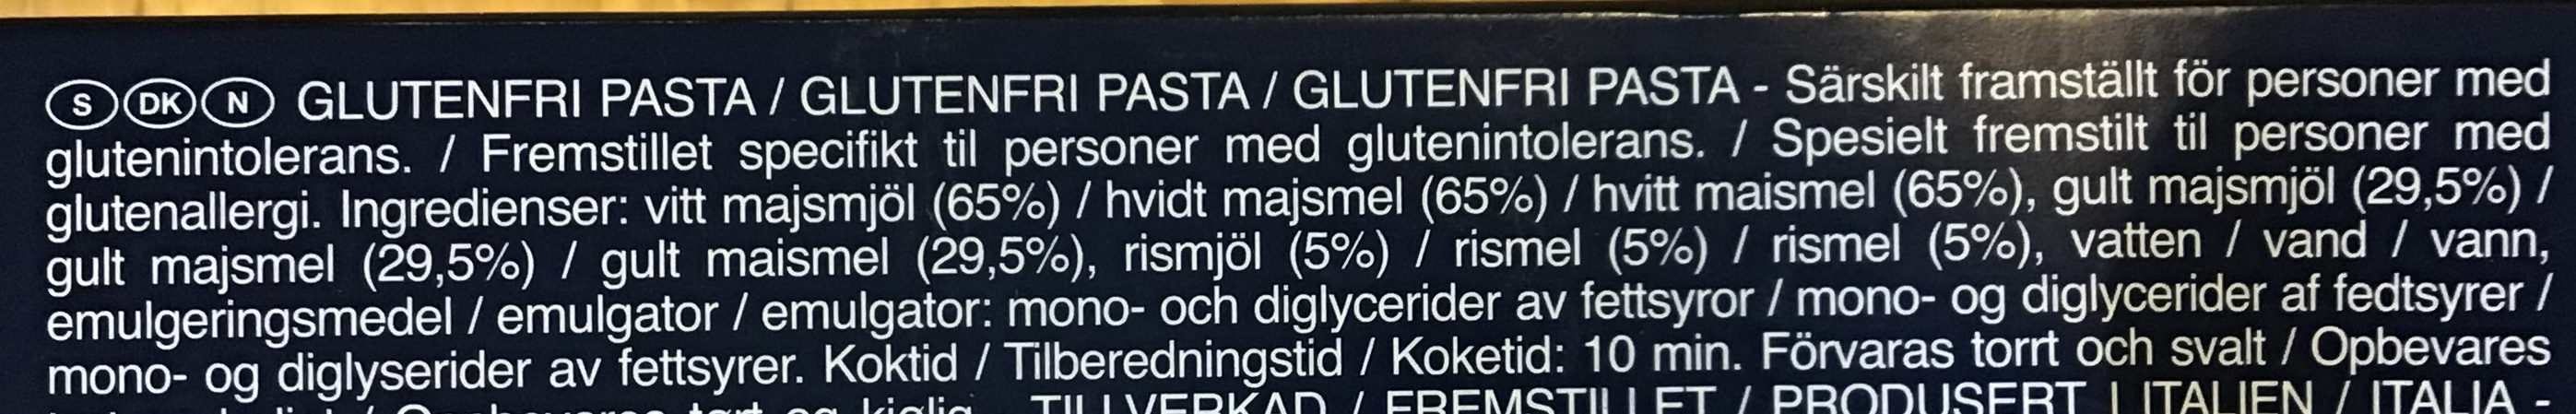 Spaghetti sans gluten - Ingredienser - da